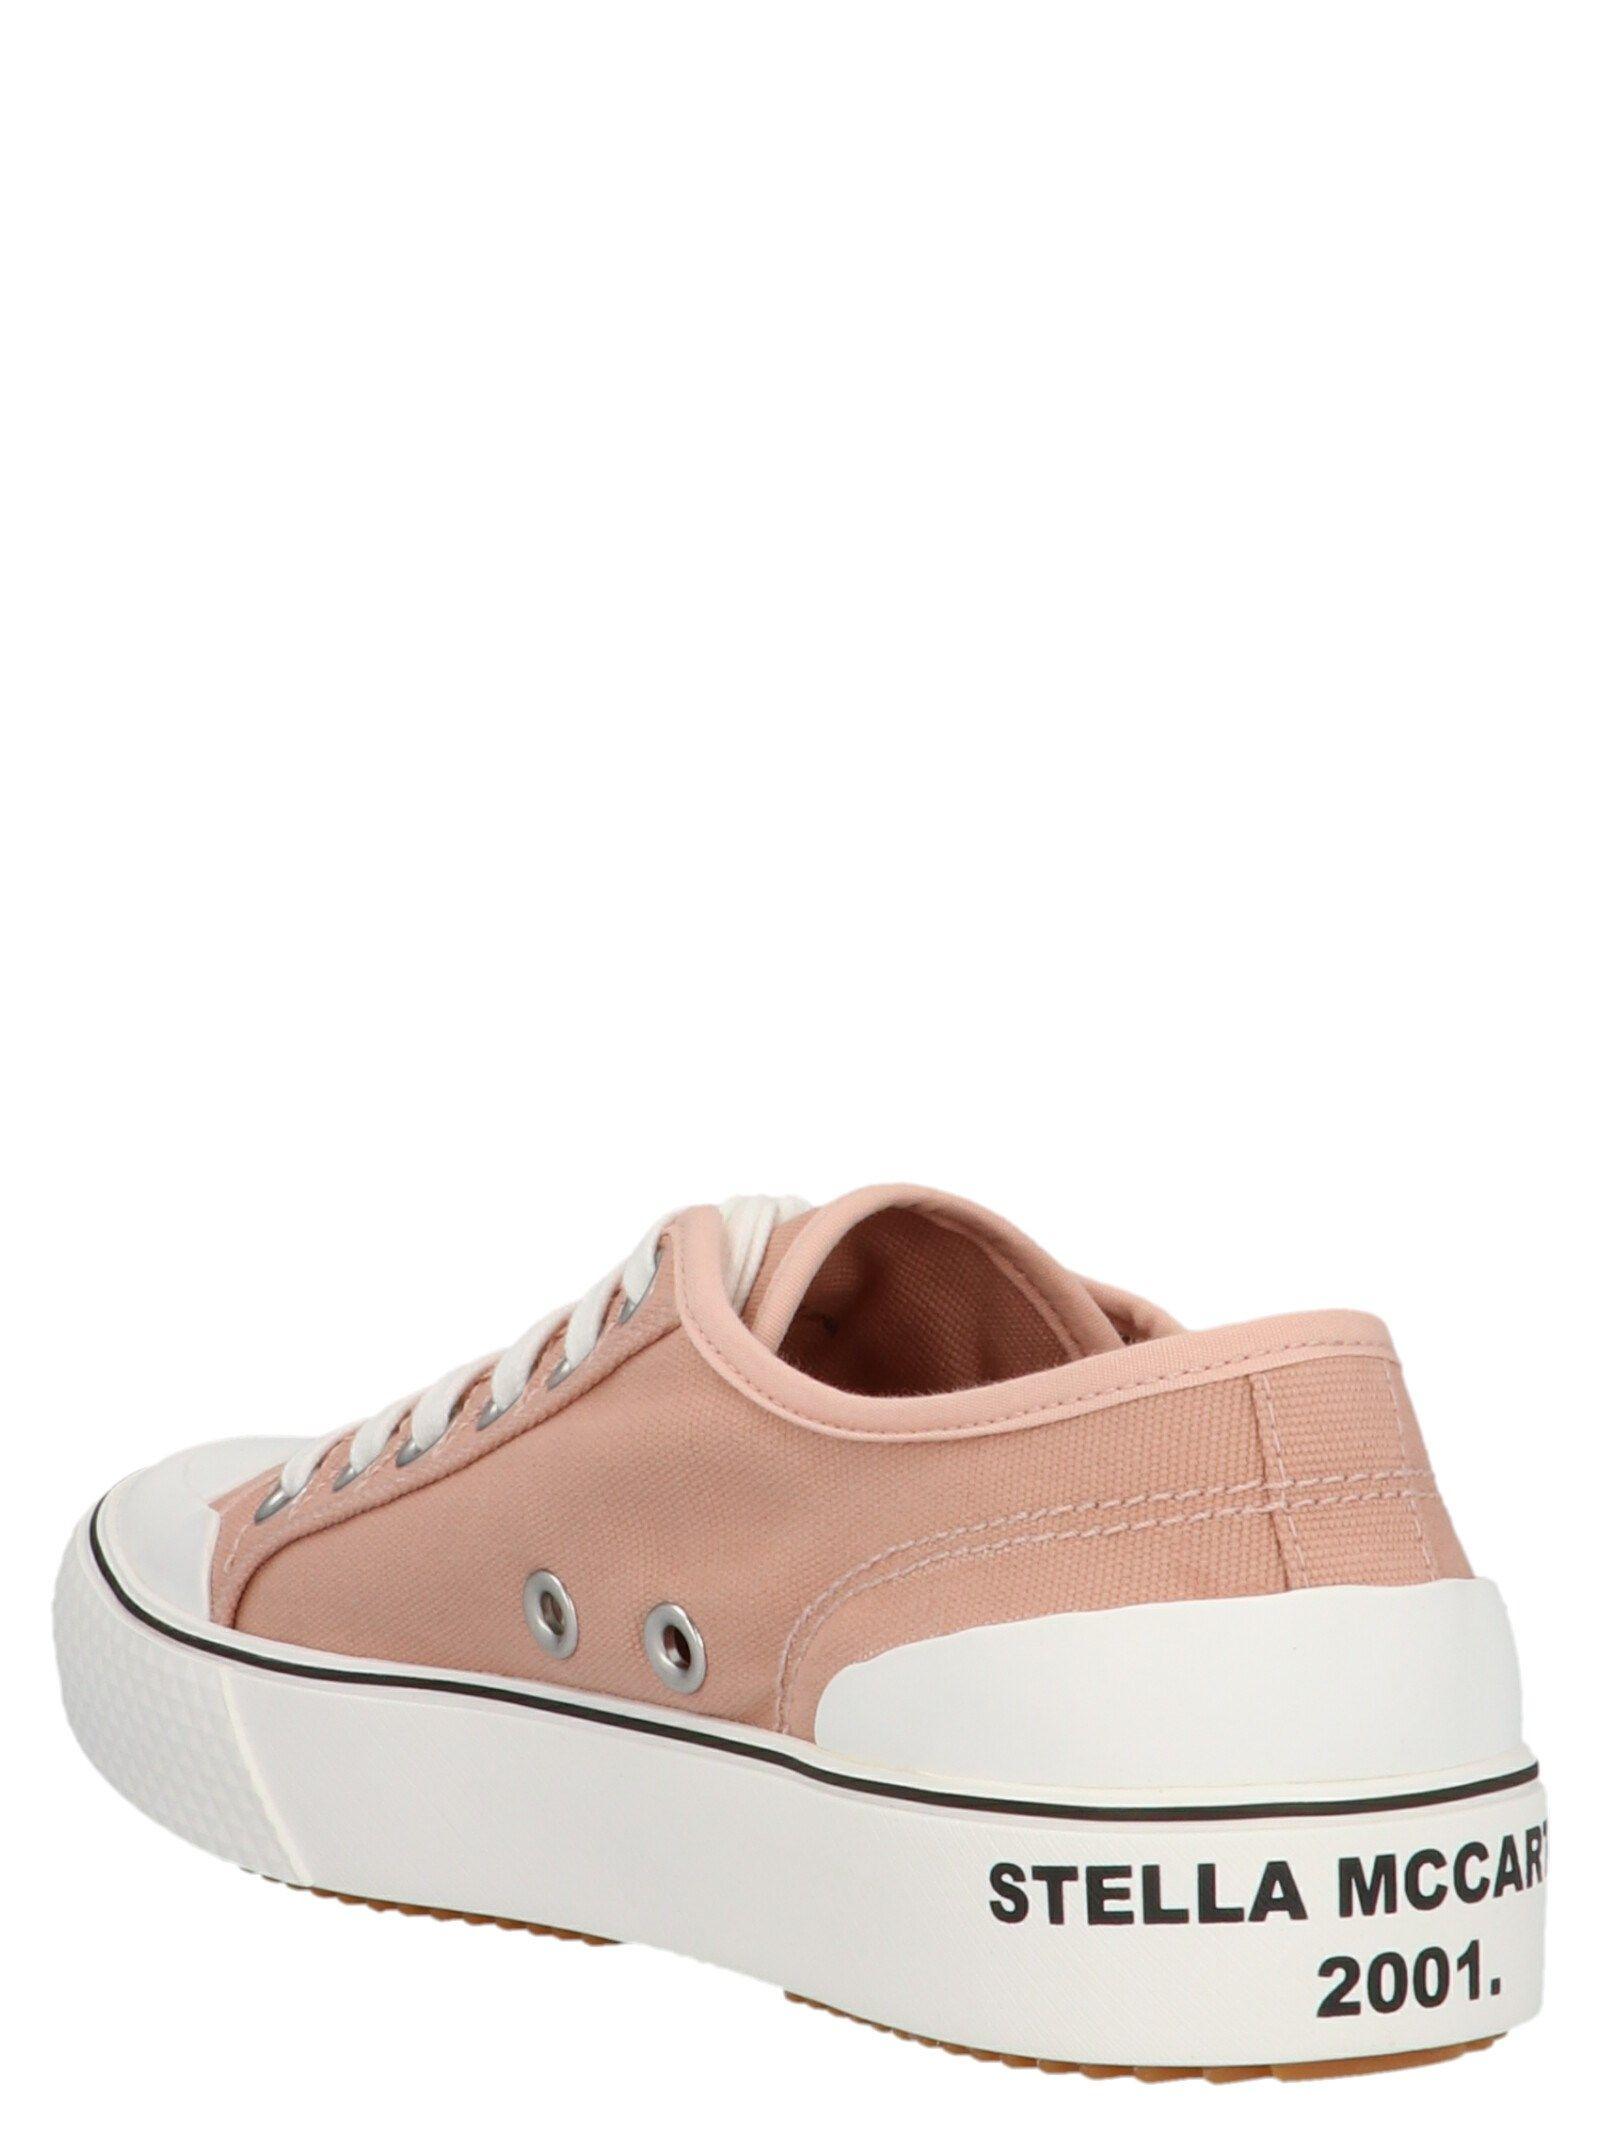 STELLA MCCARTNEY Sneakers STELLA MCCARTNEY WOMEN'S PINK SNEAKERS